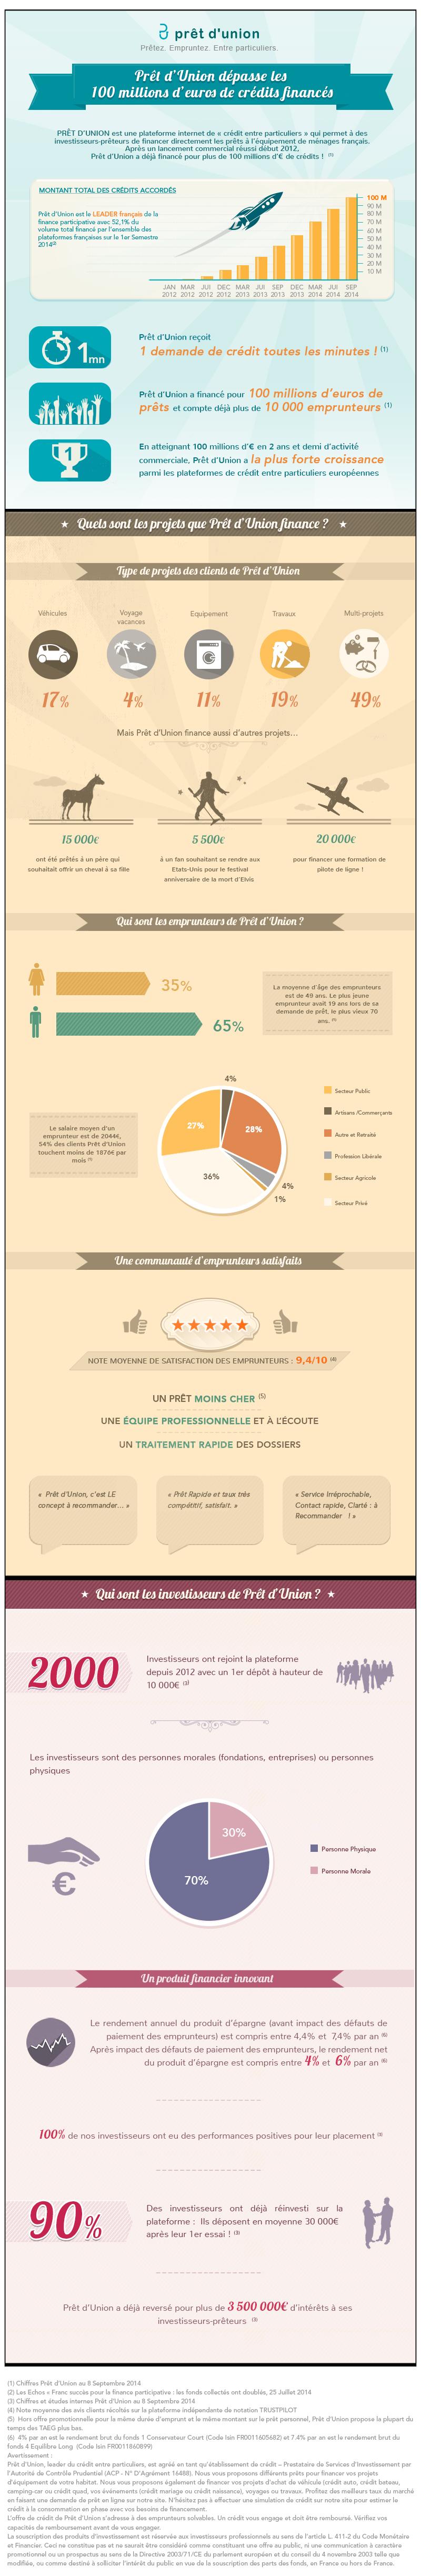 Infographie Prêt d'union